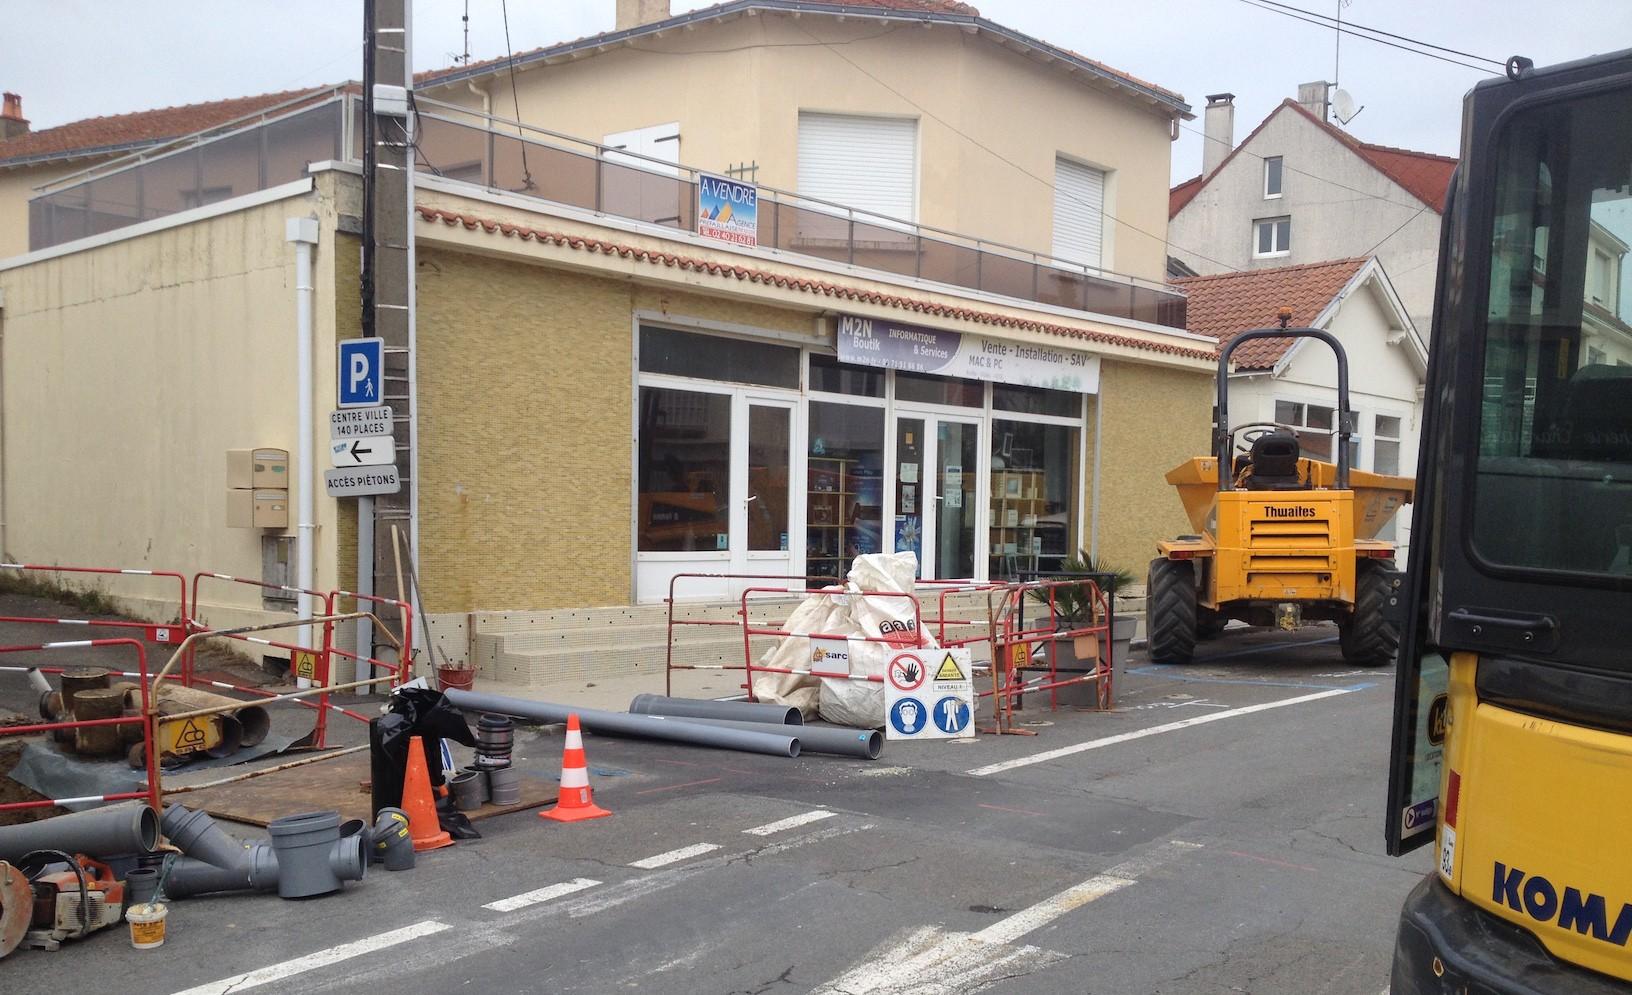 Pendant les travaux le magasin est ouvert m2n informatique pr failles - Magasin ouvert aujourd hui haut rhin ...